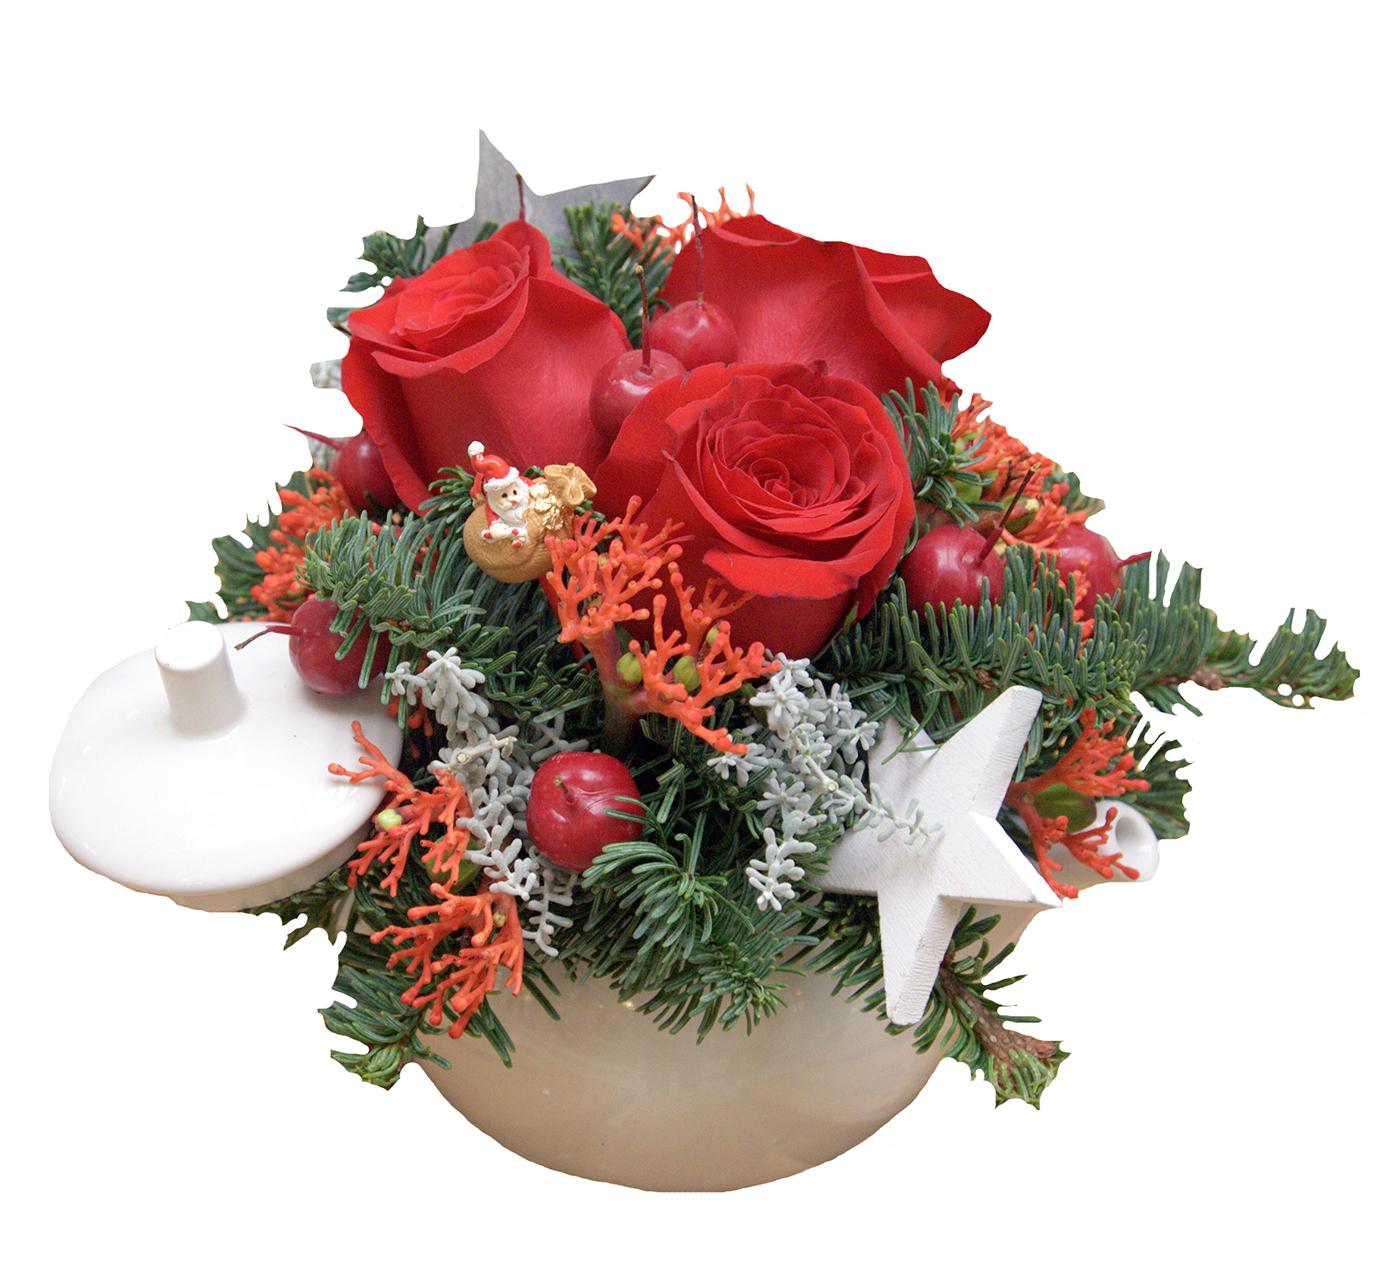 Aranjamente florale de Craciun